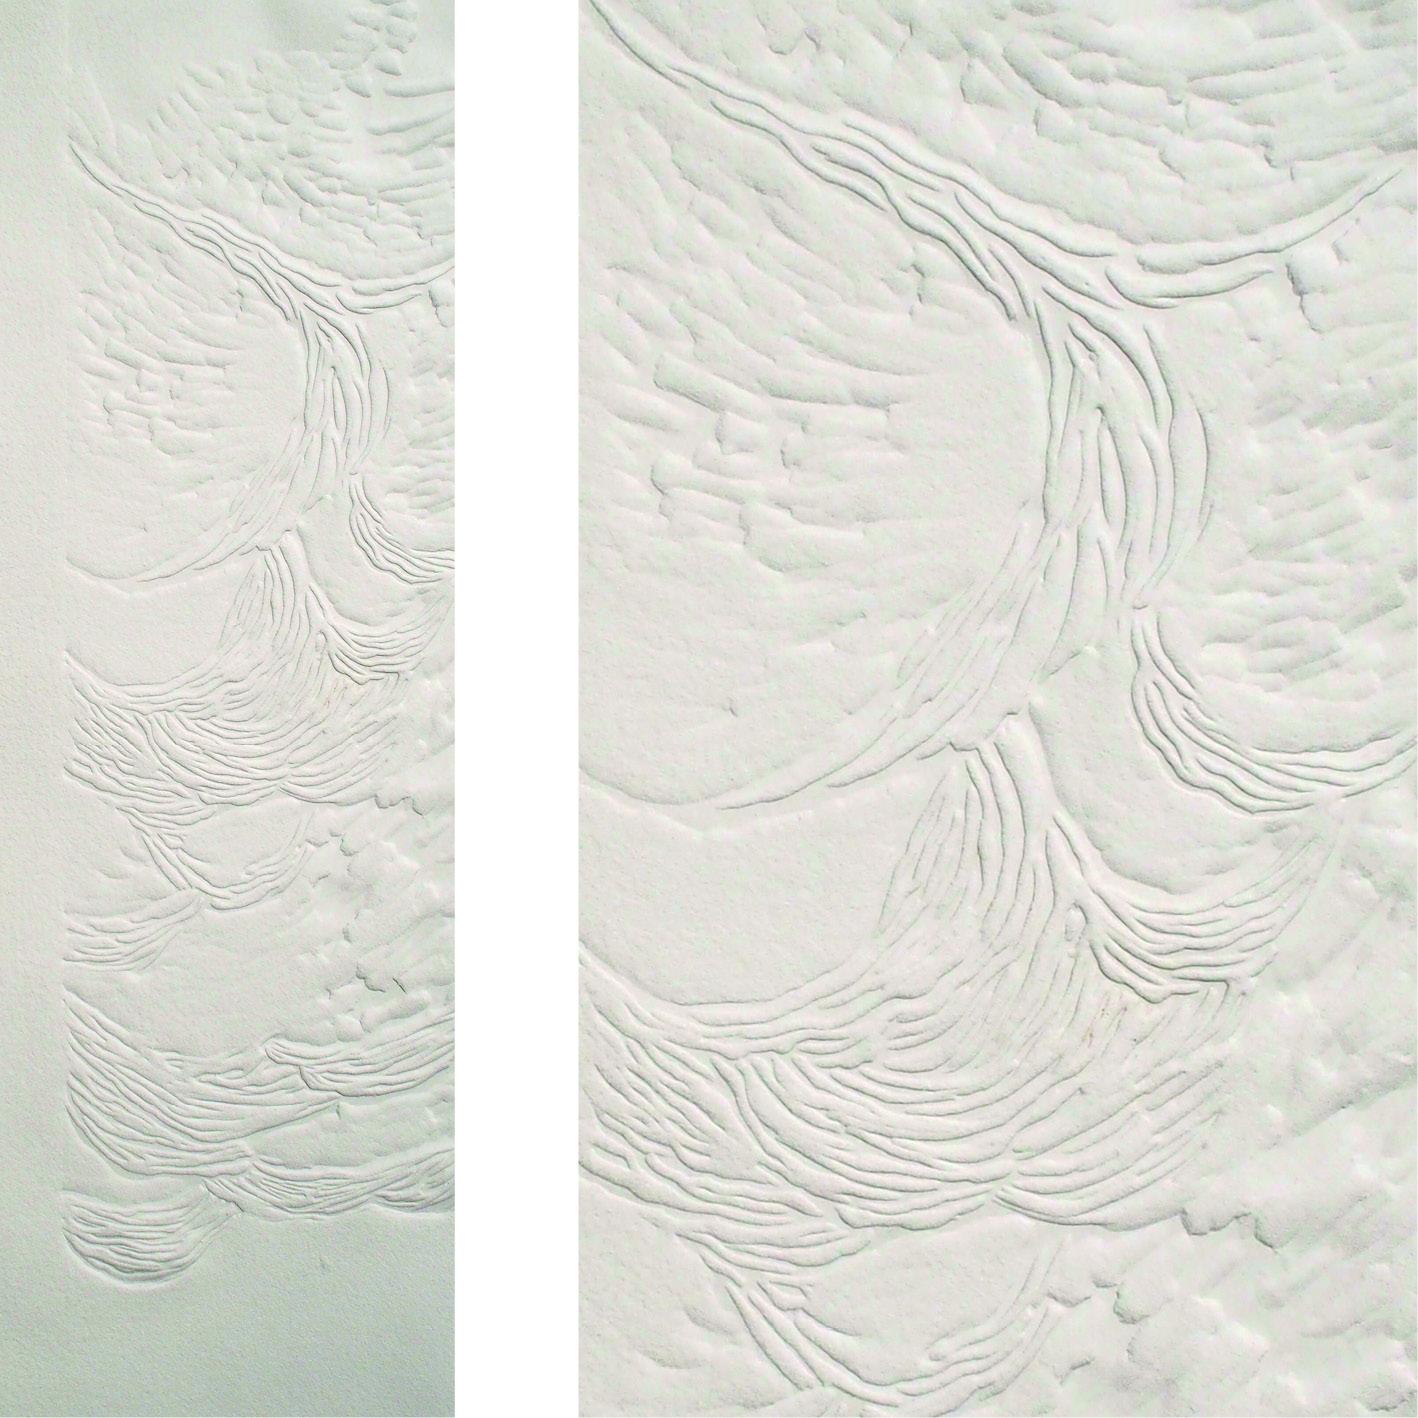 2 vues d'un petit kakémono blanc motif vagues, en gaufrage linogravure